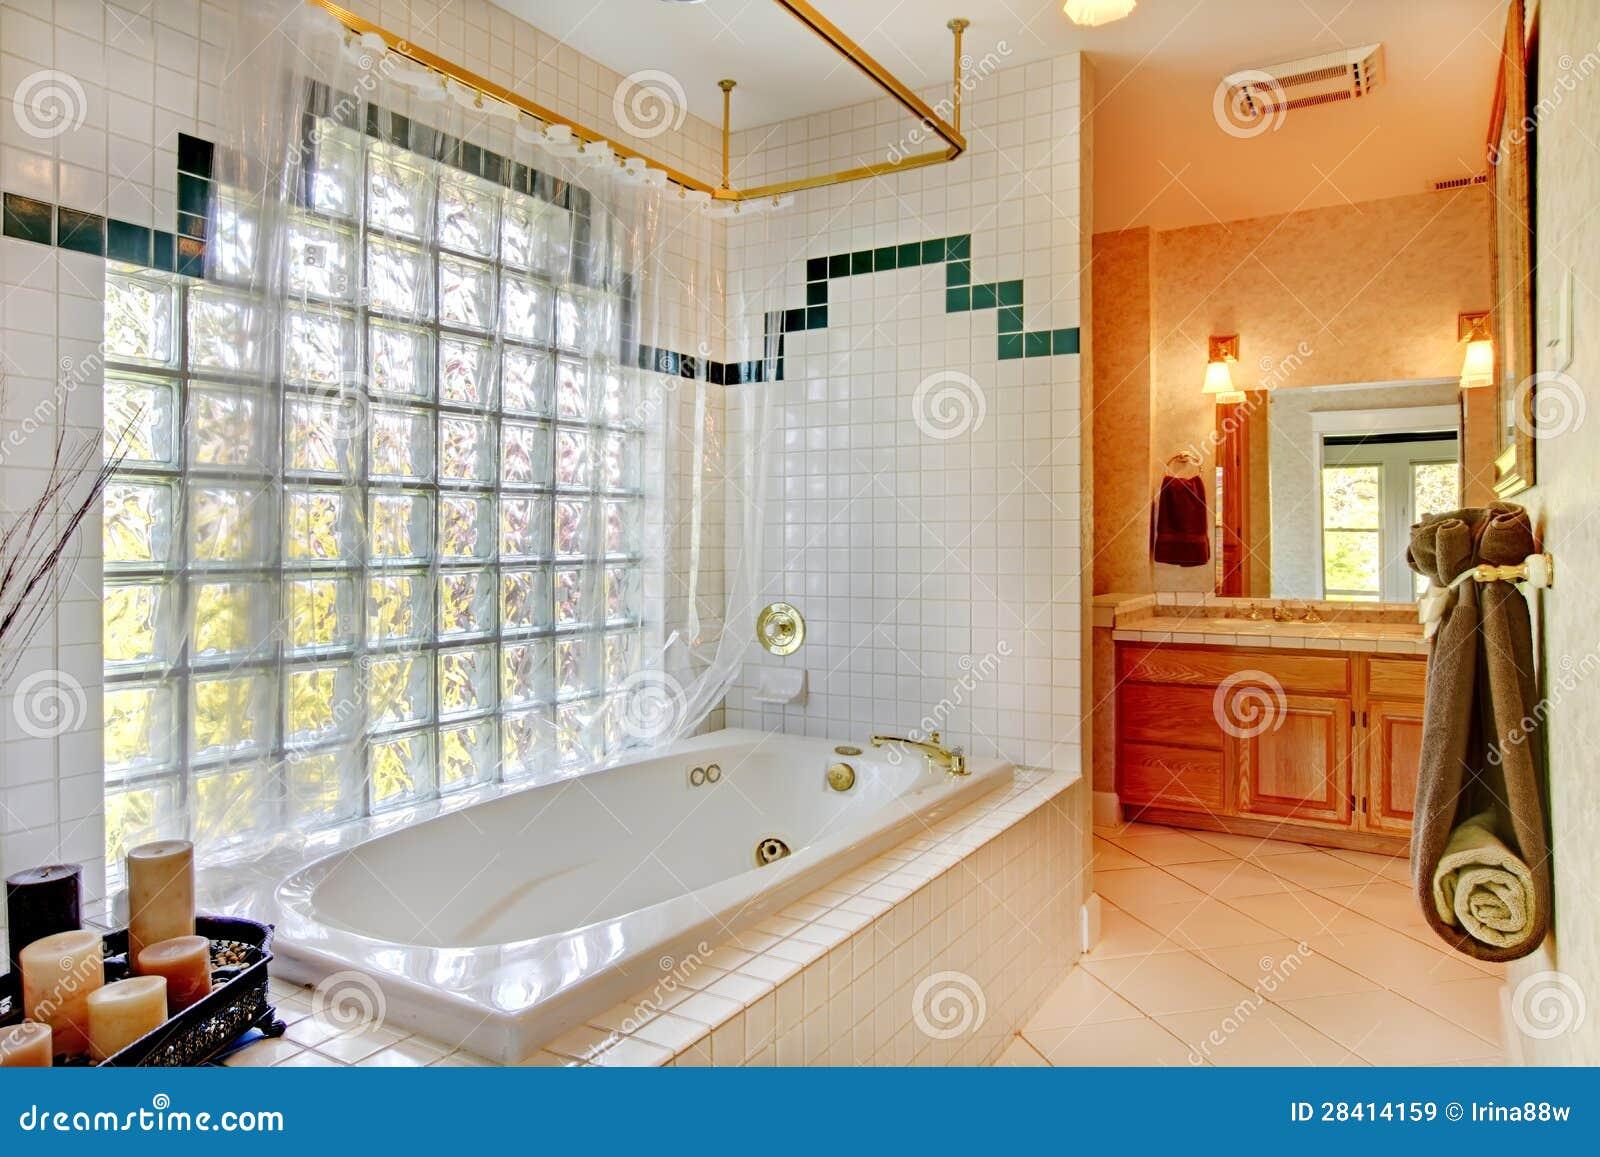 Salle de bains avec le mur de verre et le baquet image - Salle de bain mur en verre ...